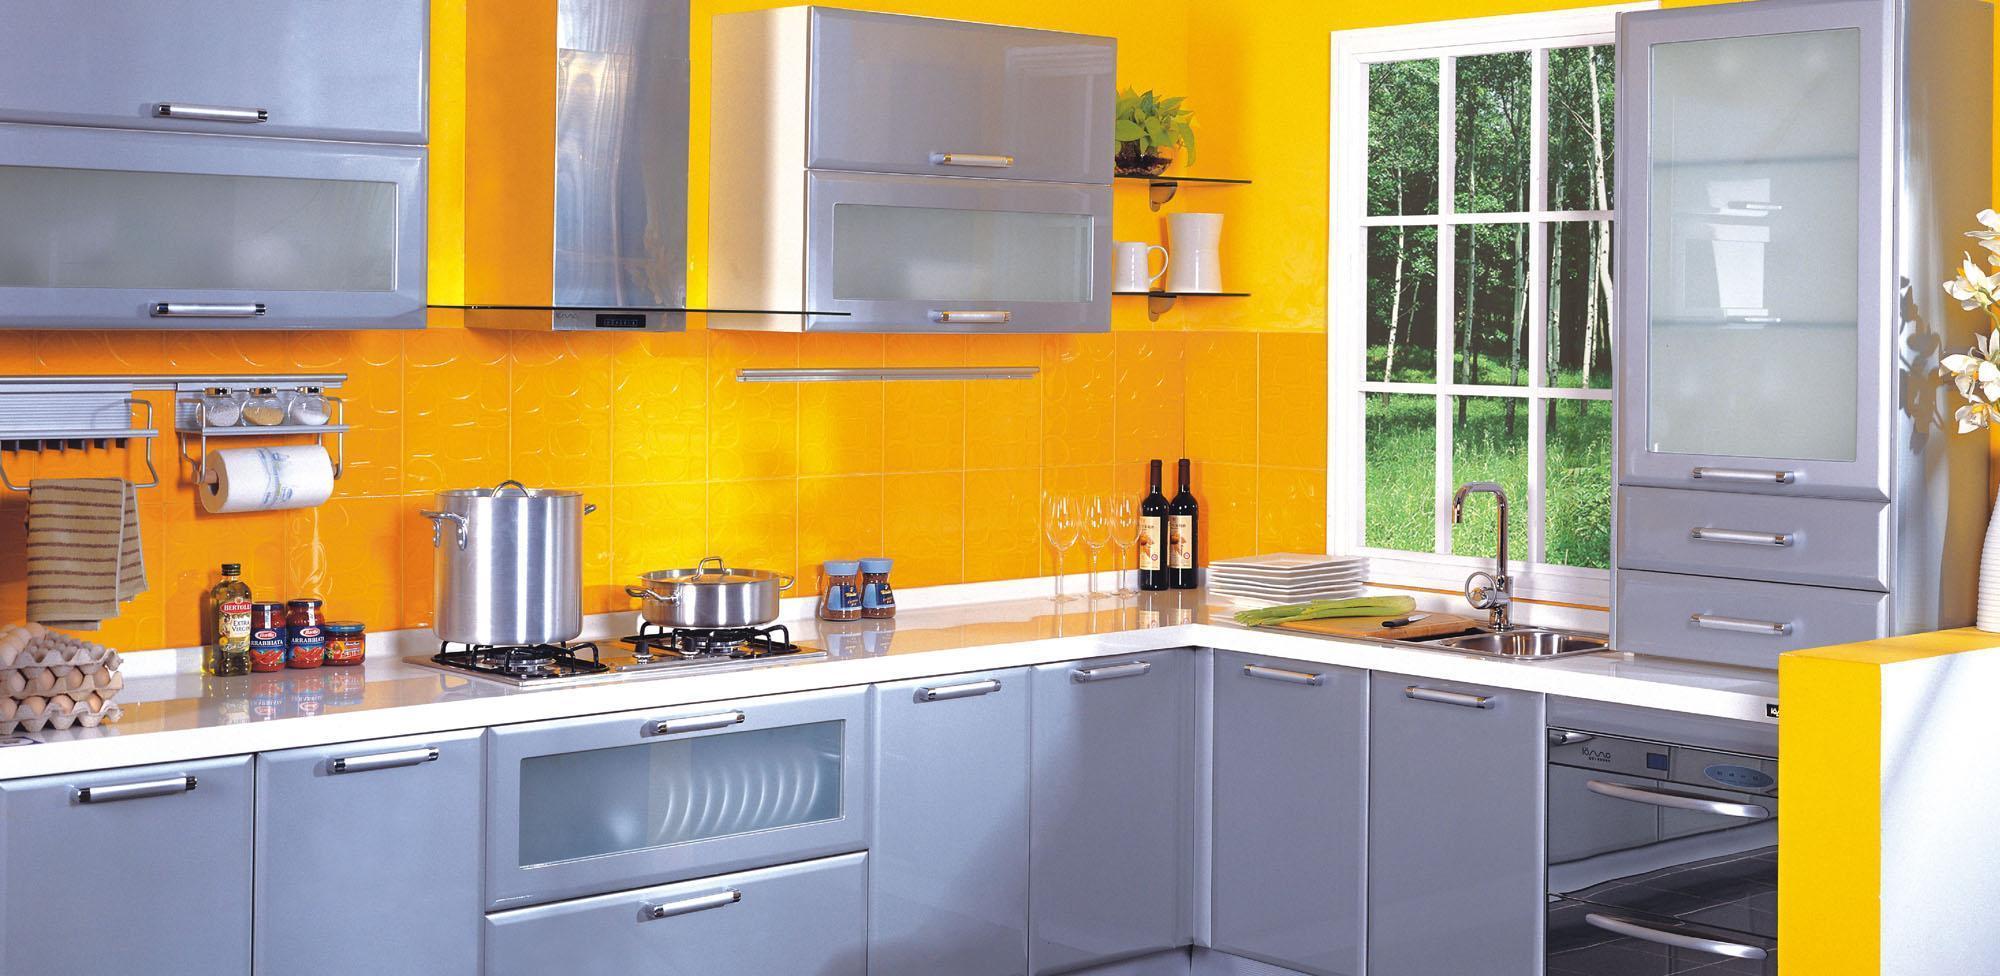 蓝谷智能厨房银影系列LE-3002 L型封闭式K型厨房LE-3002 L型